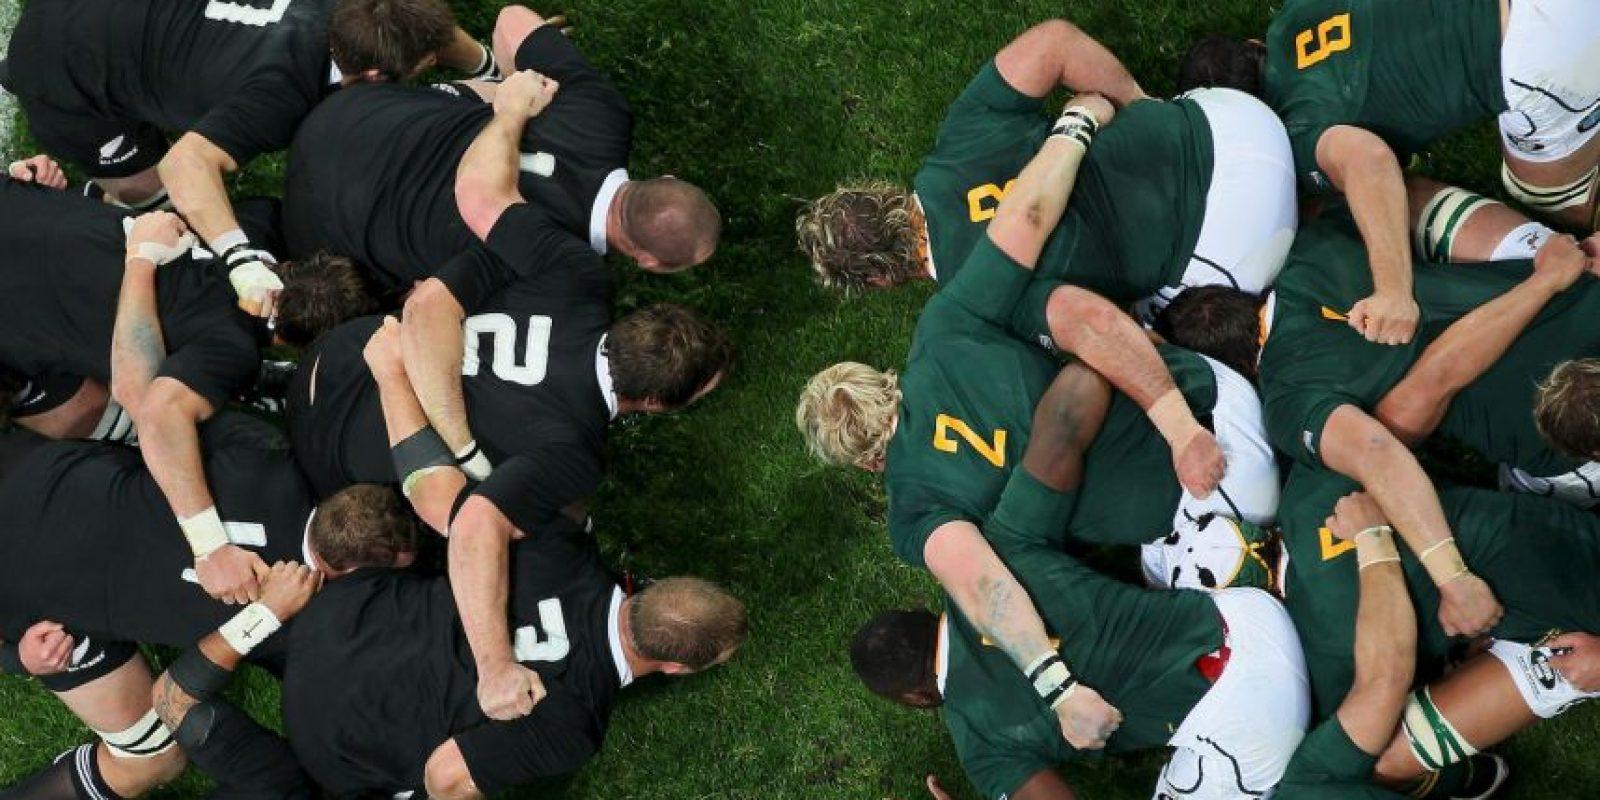 10. Tener un encuentro con un nuevo deporte Foto:Getty Images